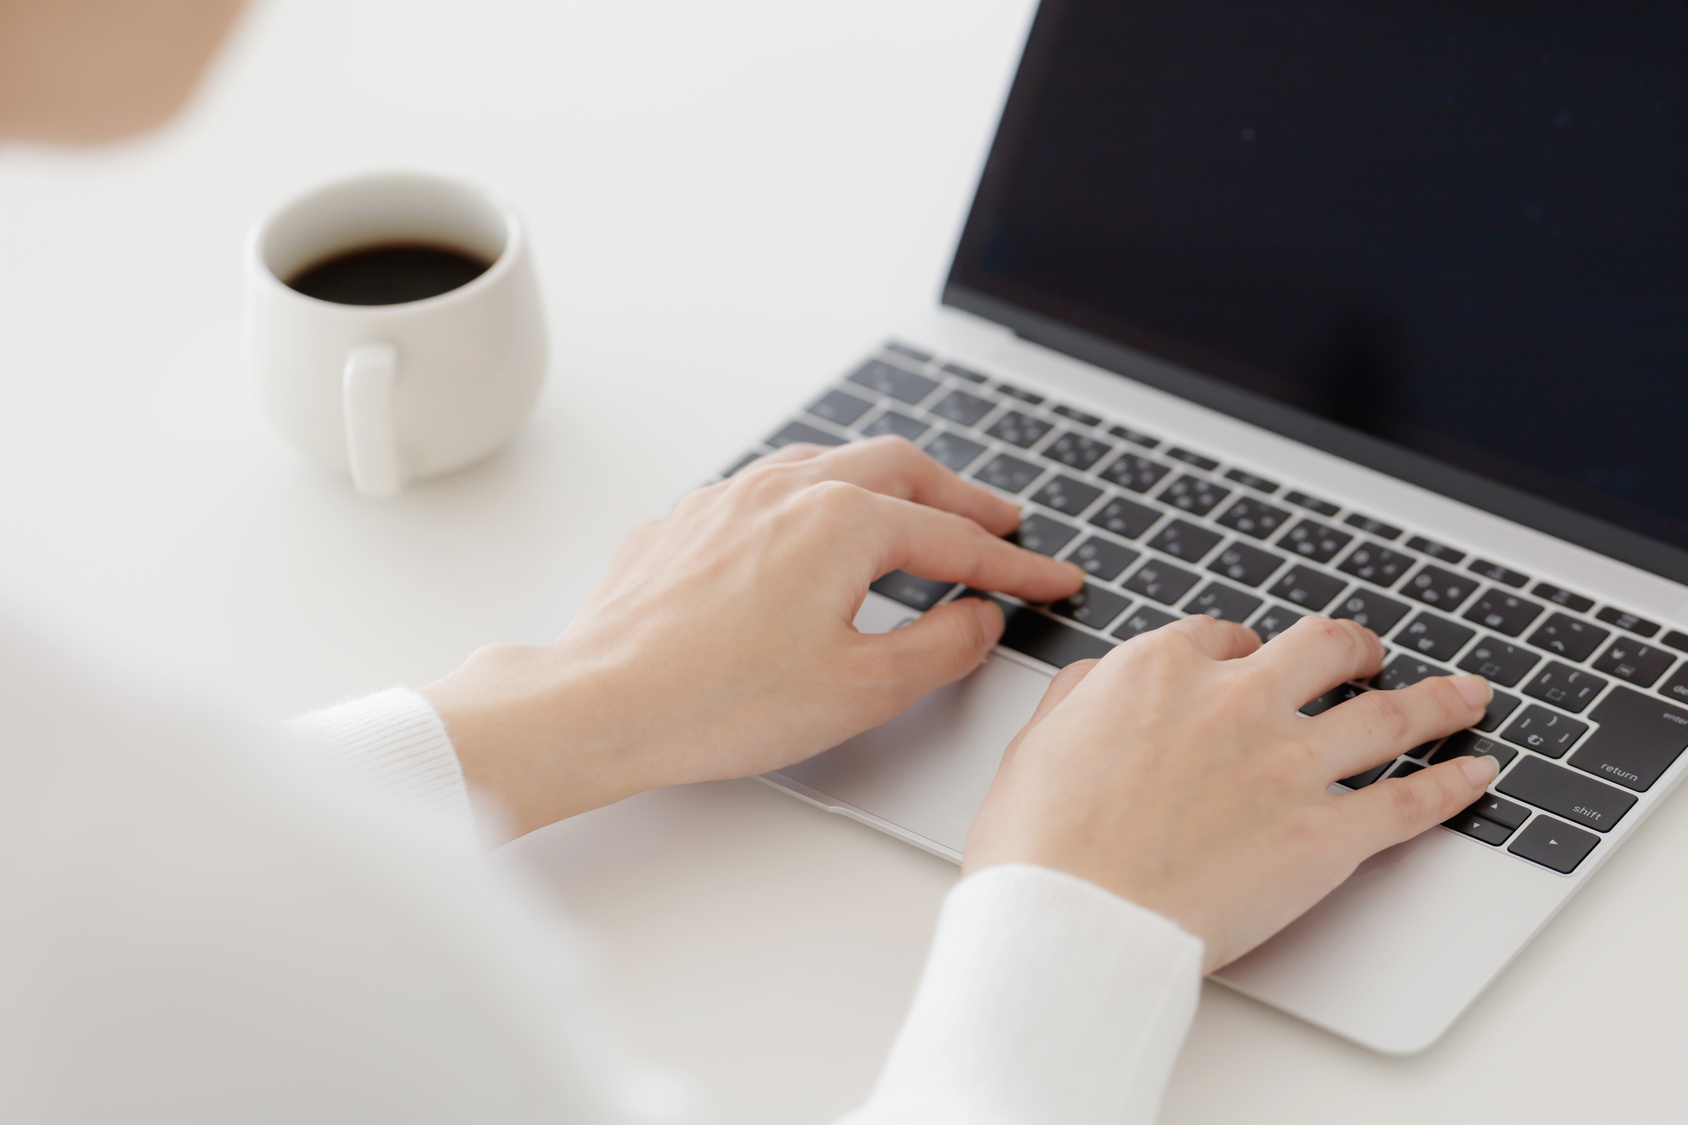 2018年は「副業OKの企業」が増加?パラレルキャリアは浸透するのか